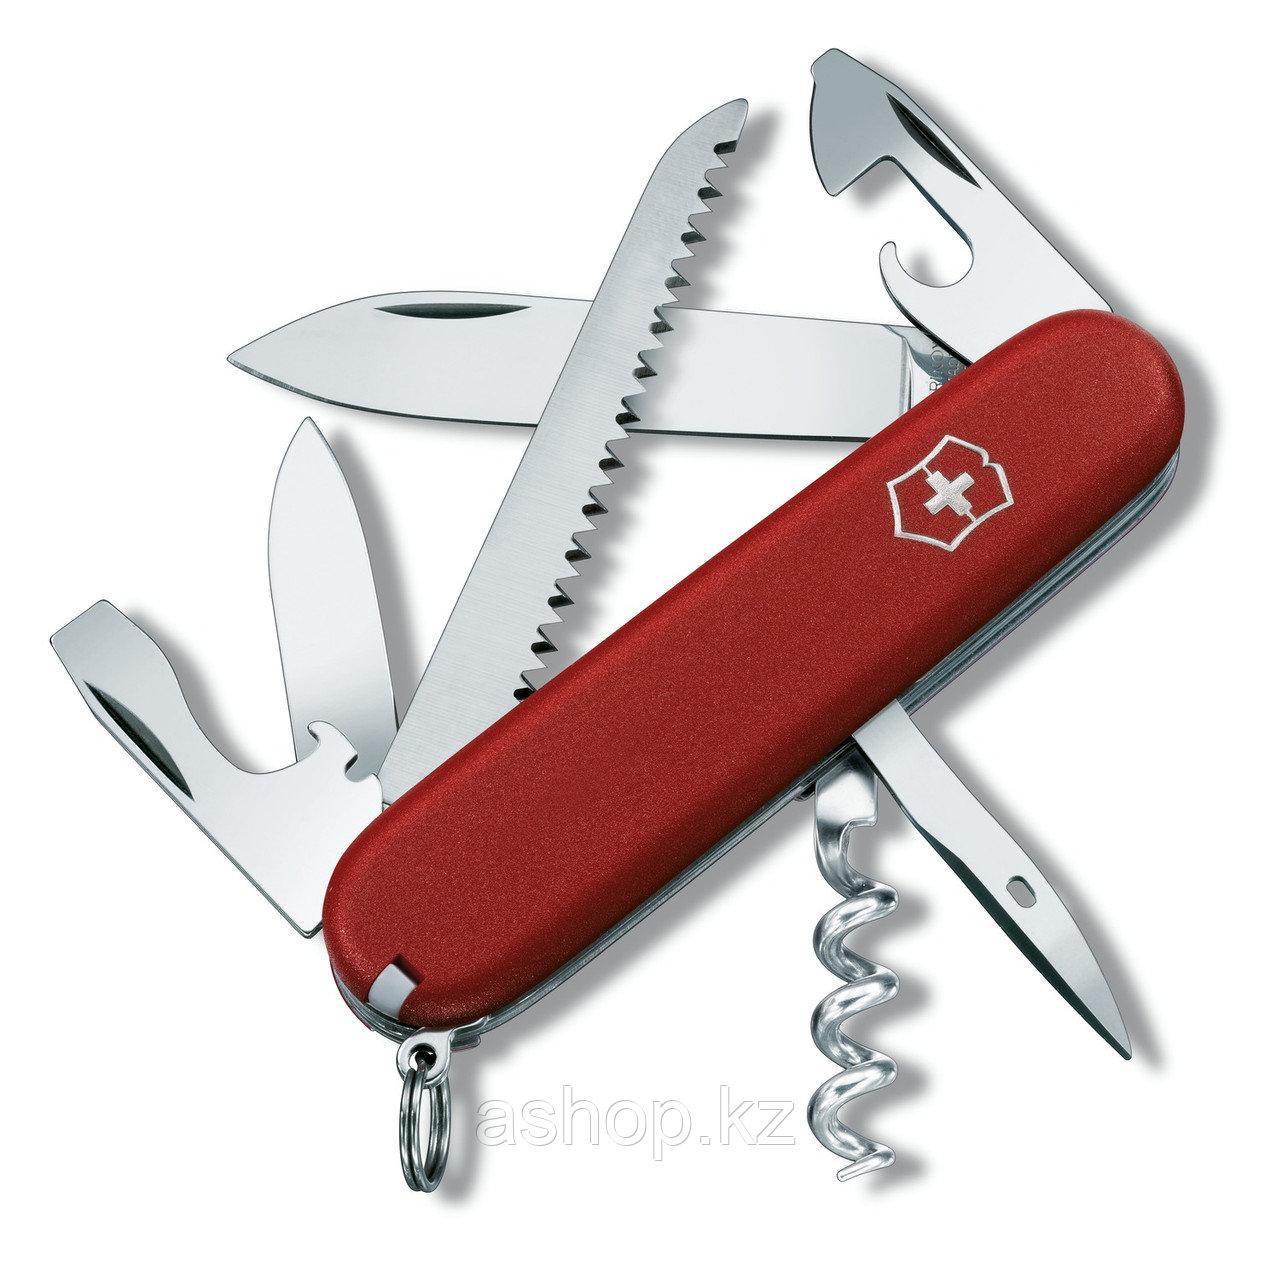 Нож складной туристический Victorinox EcoLine Camper, Функционал: Туризм, Кол-во функций: 13 в 1, Цвет: Красны